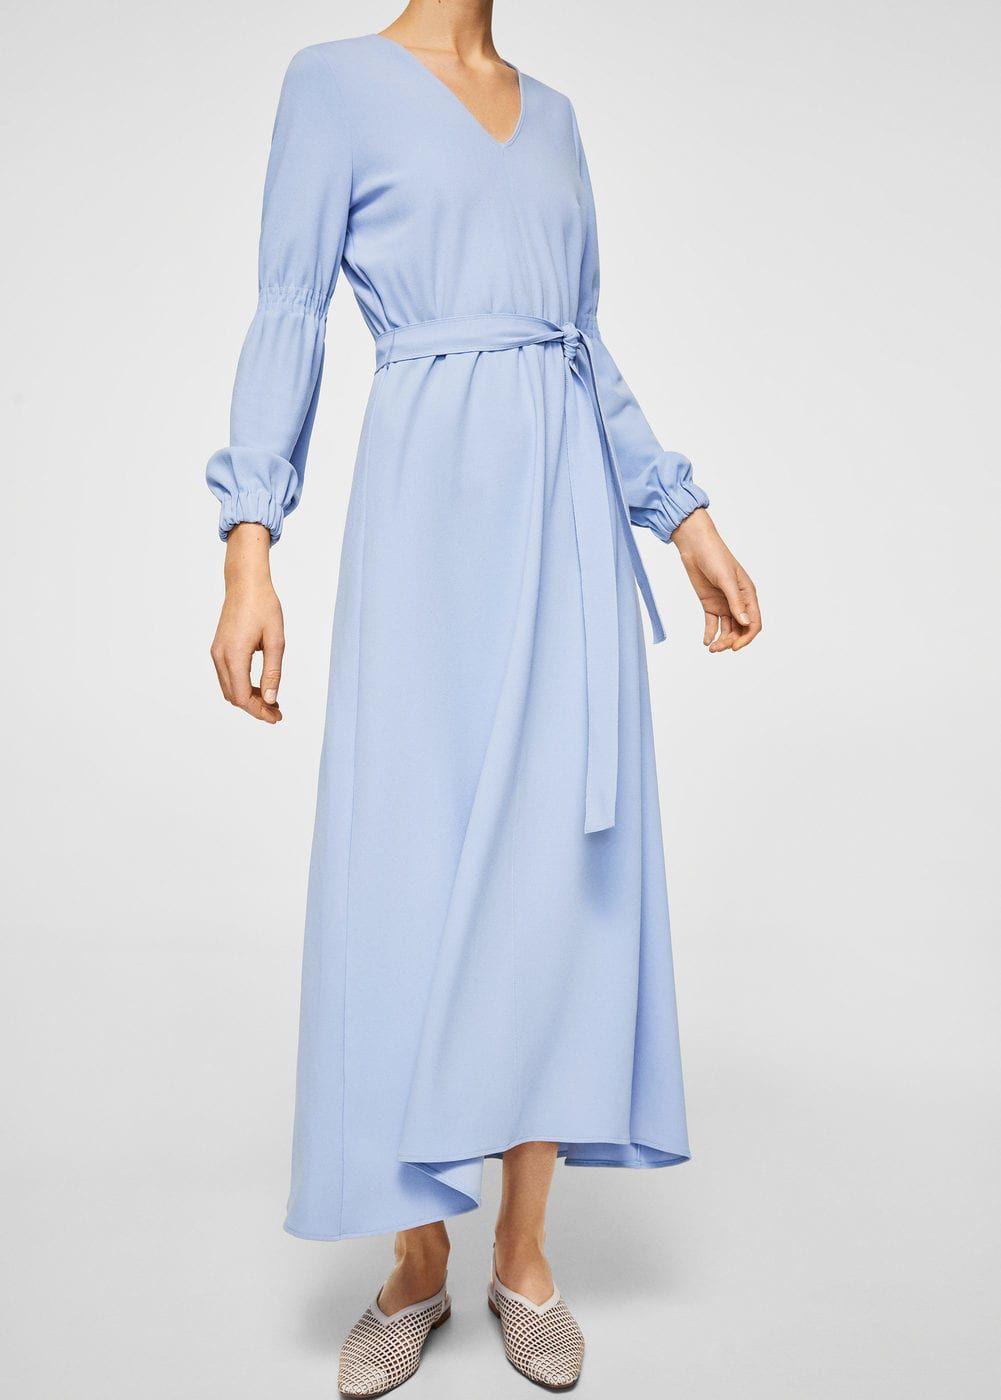 Kleid mit schleifengürtel - f füLange kleider Damen ...